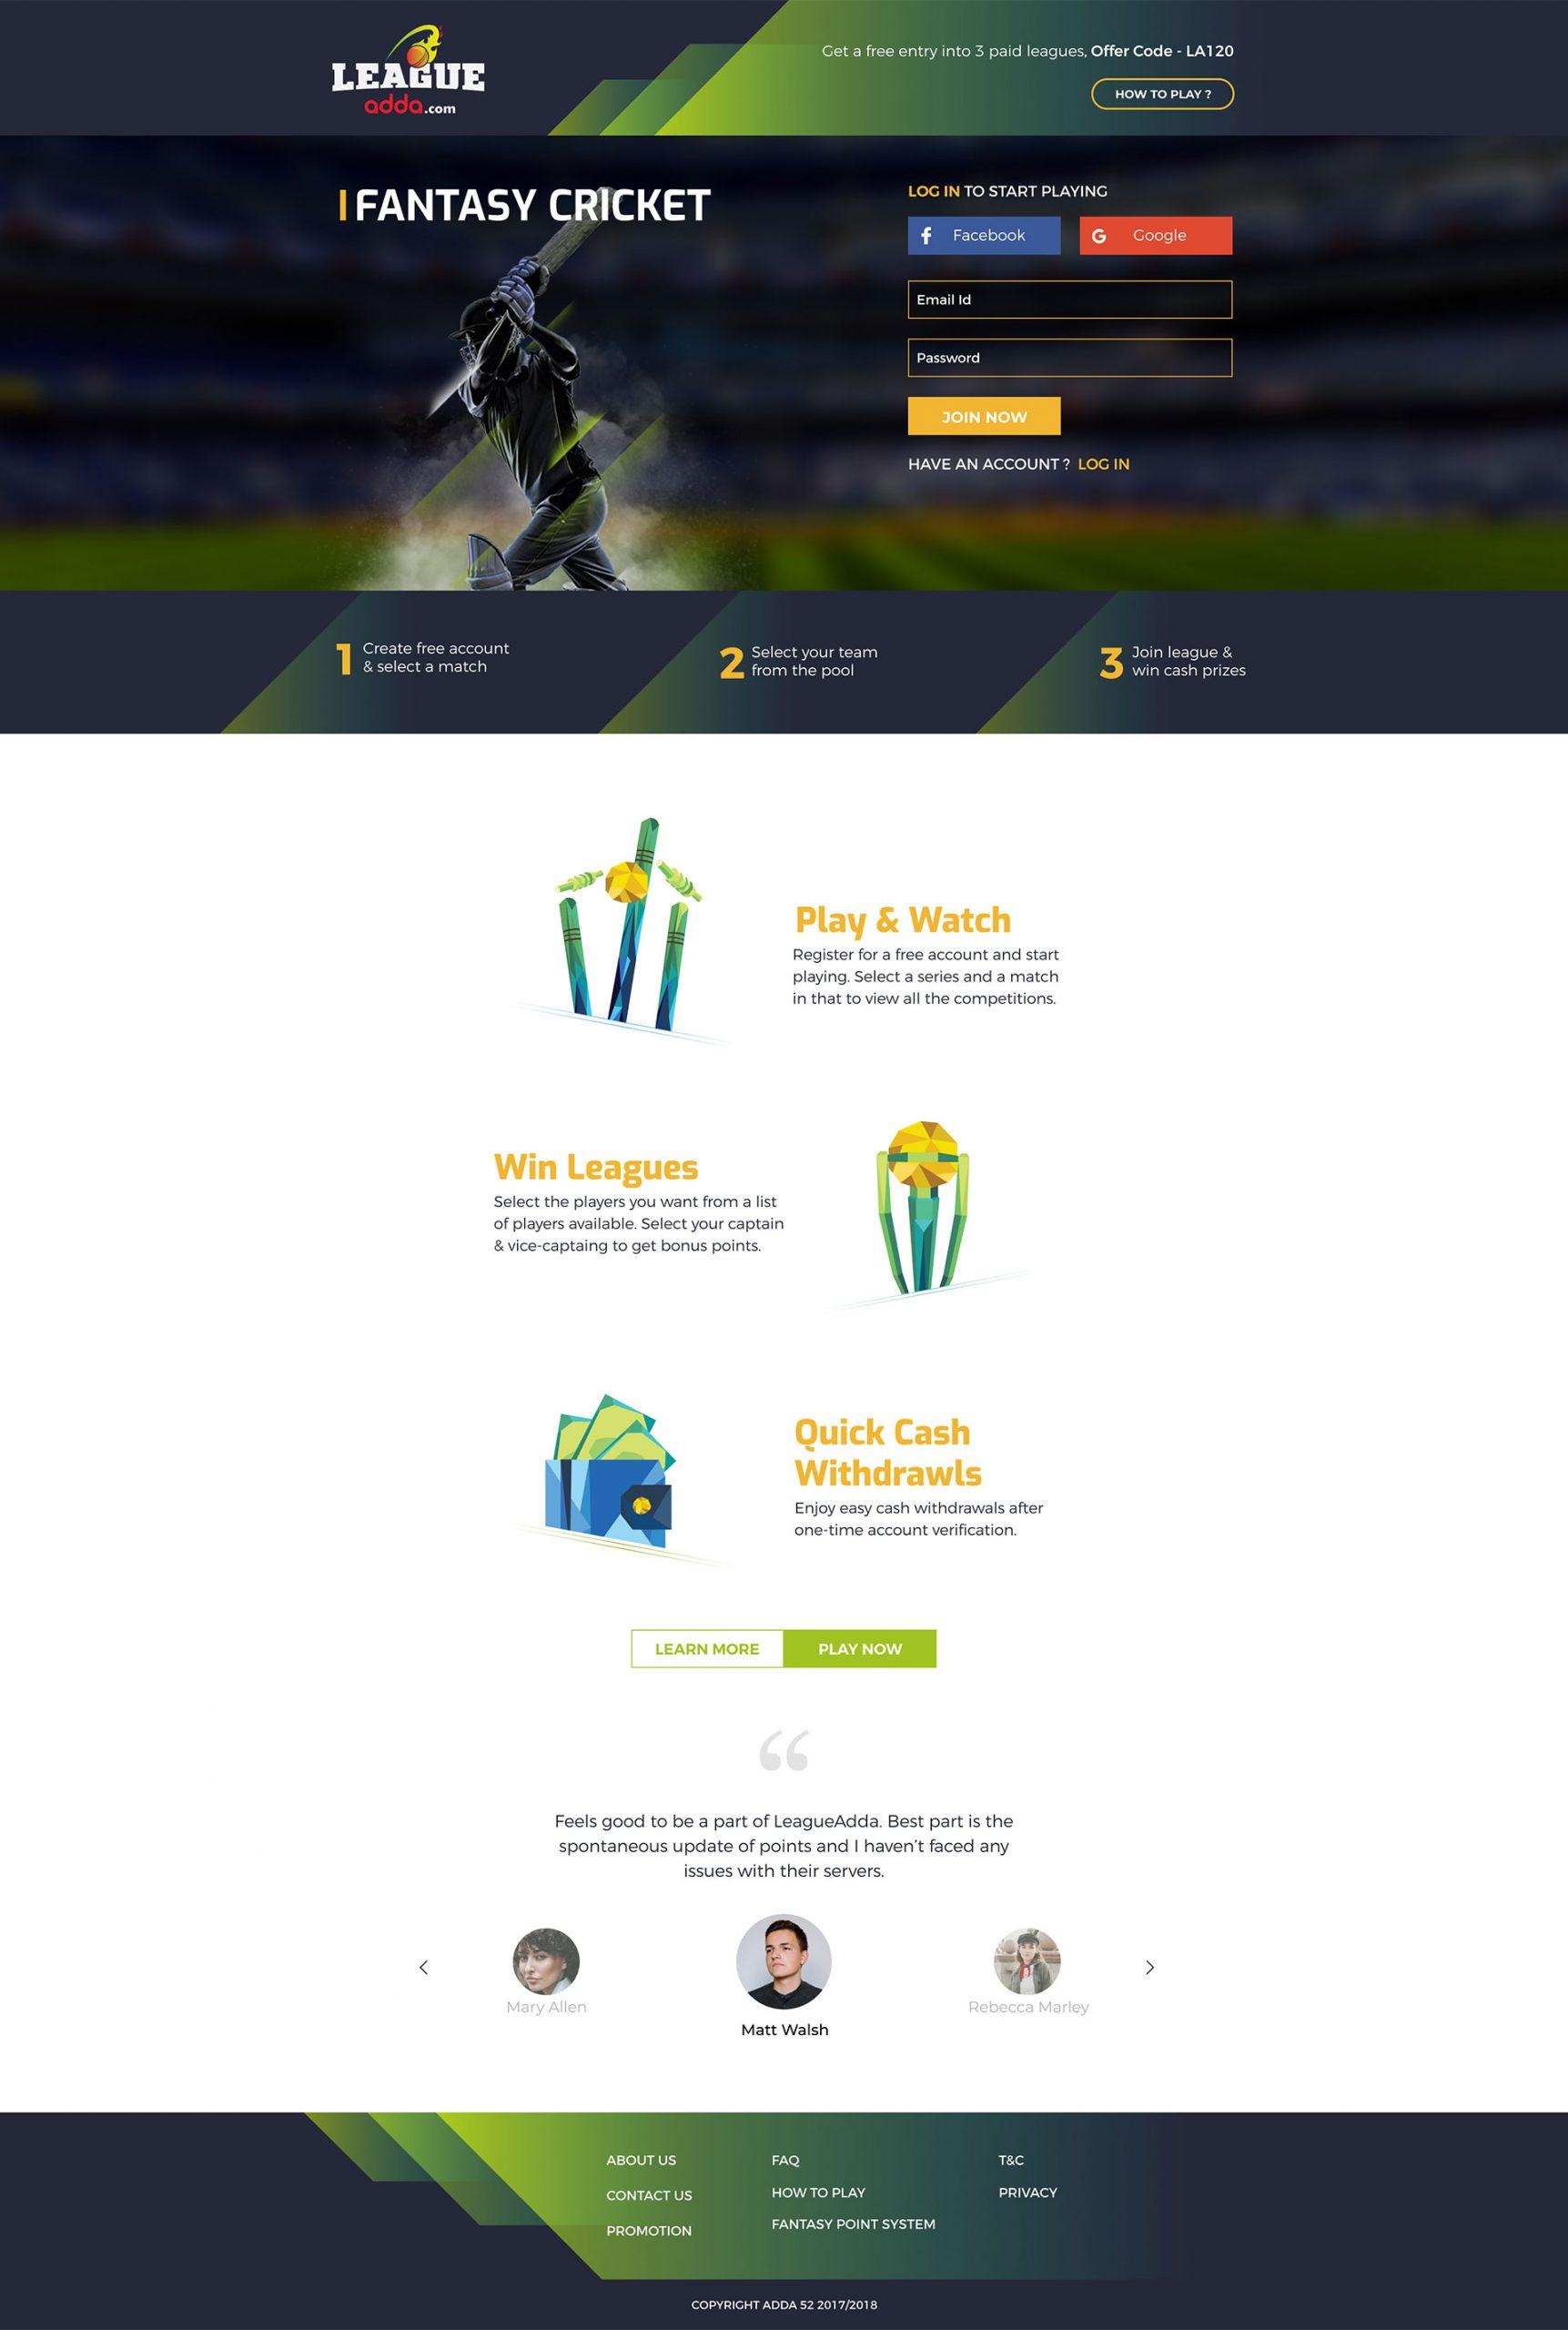 League_Adda_Homepage